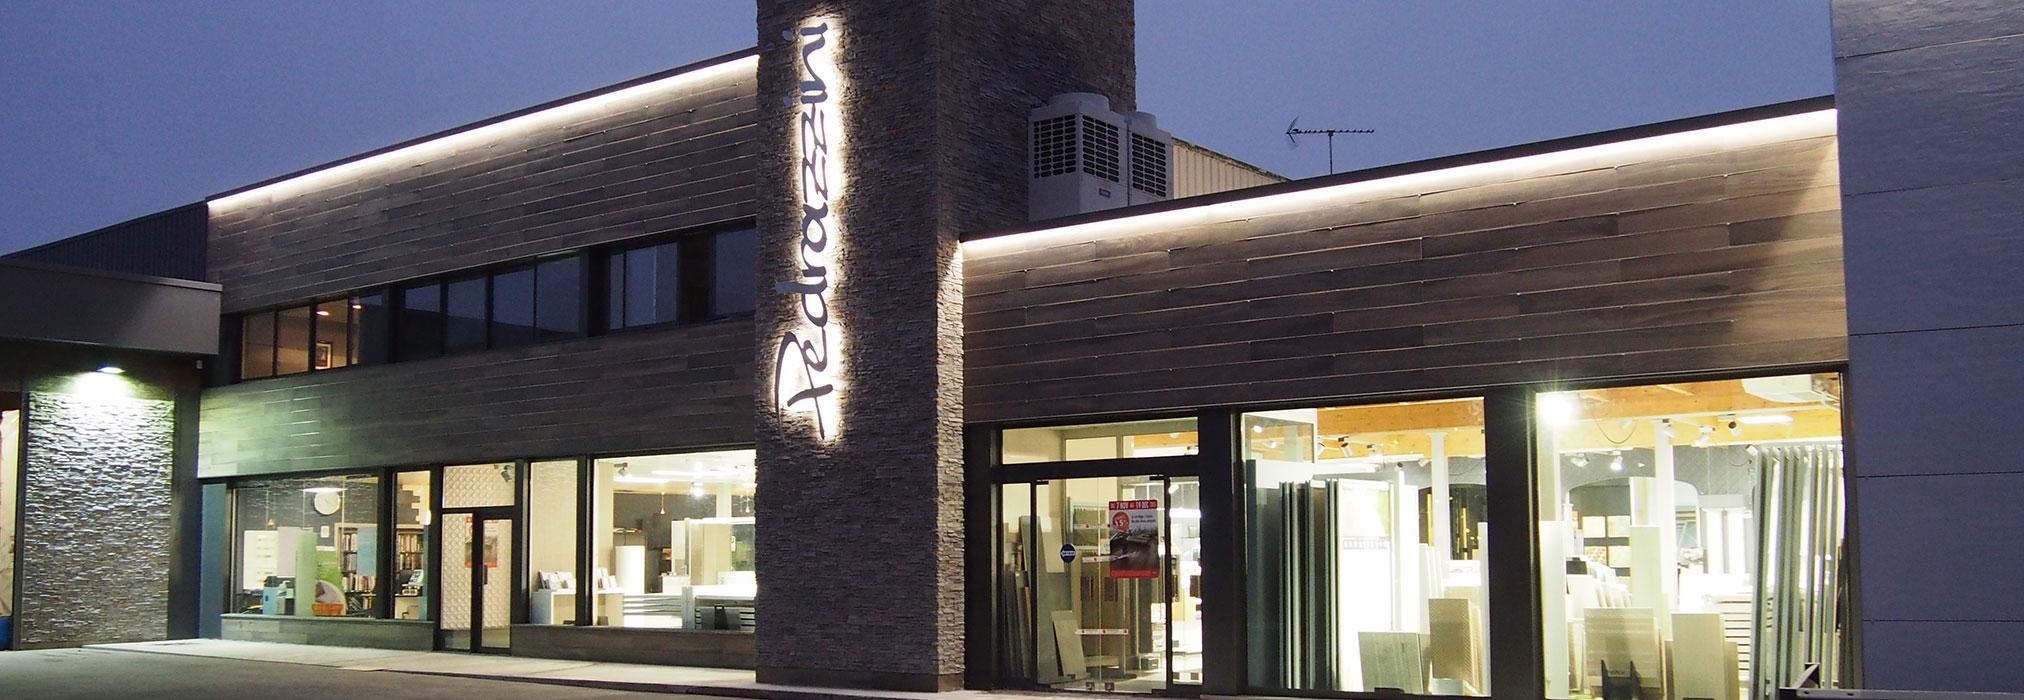 Pedrazzini : Livraison de carrelage dans toute la France